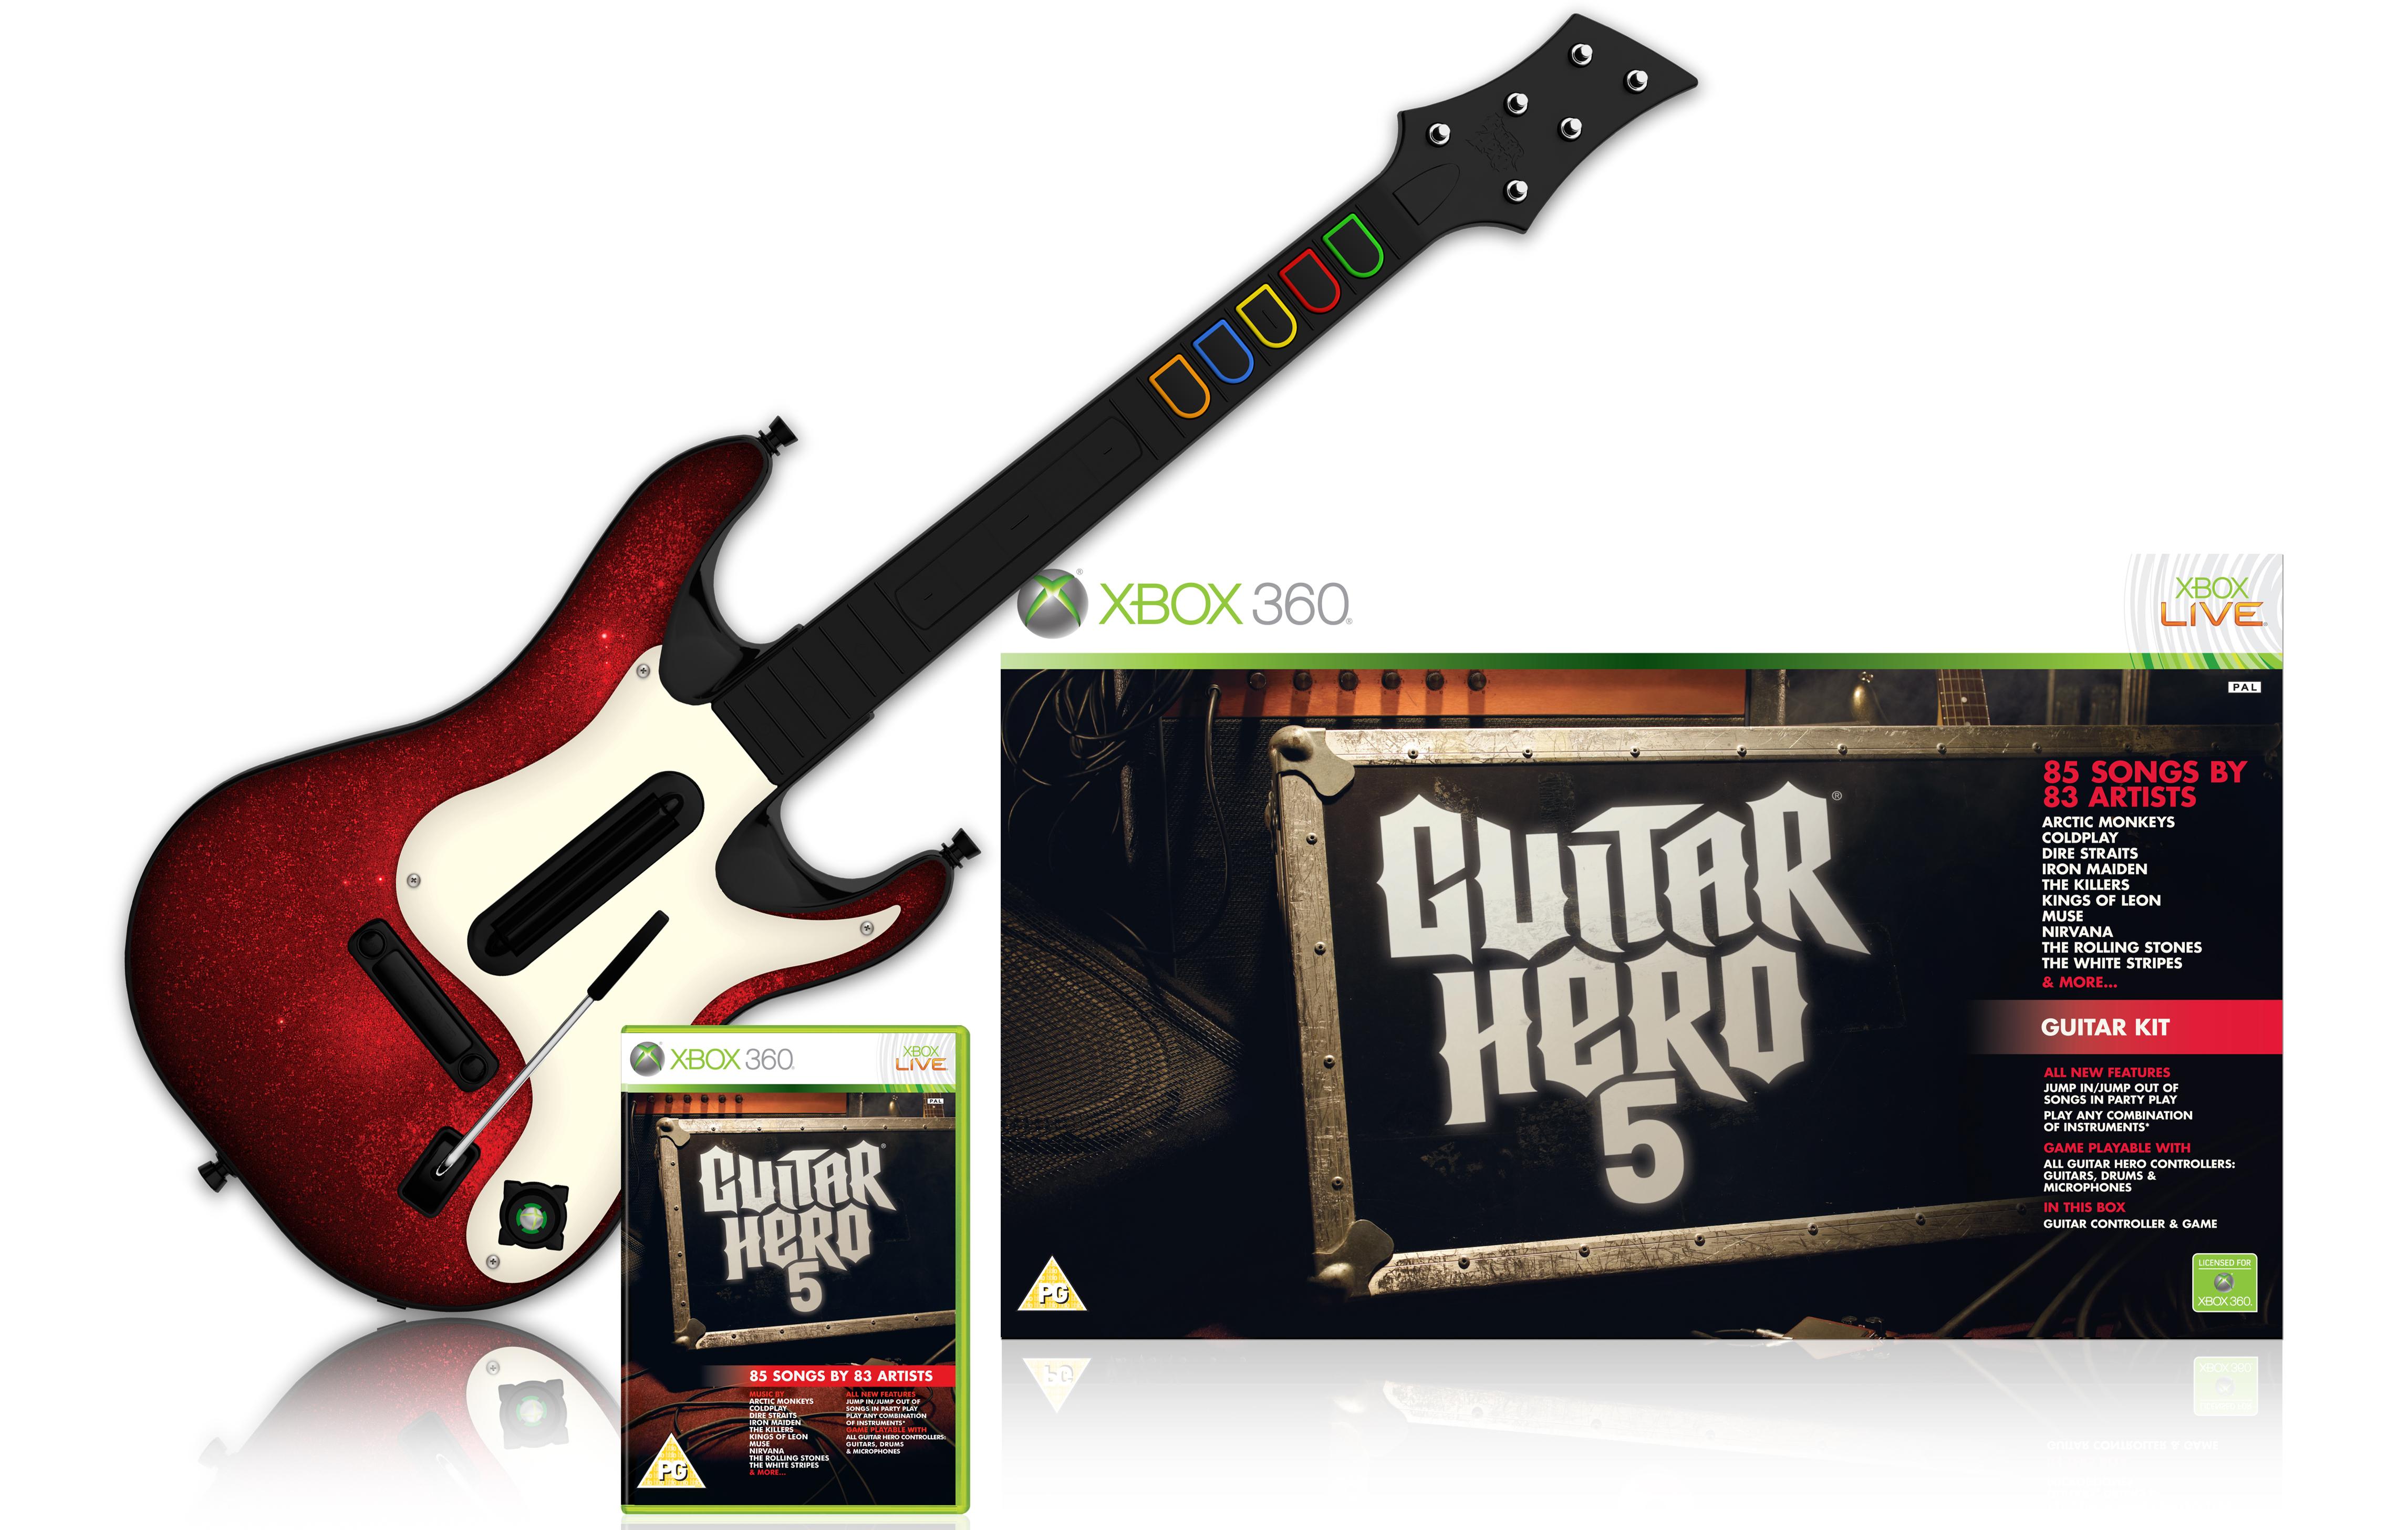 Guitar hero tävling